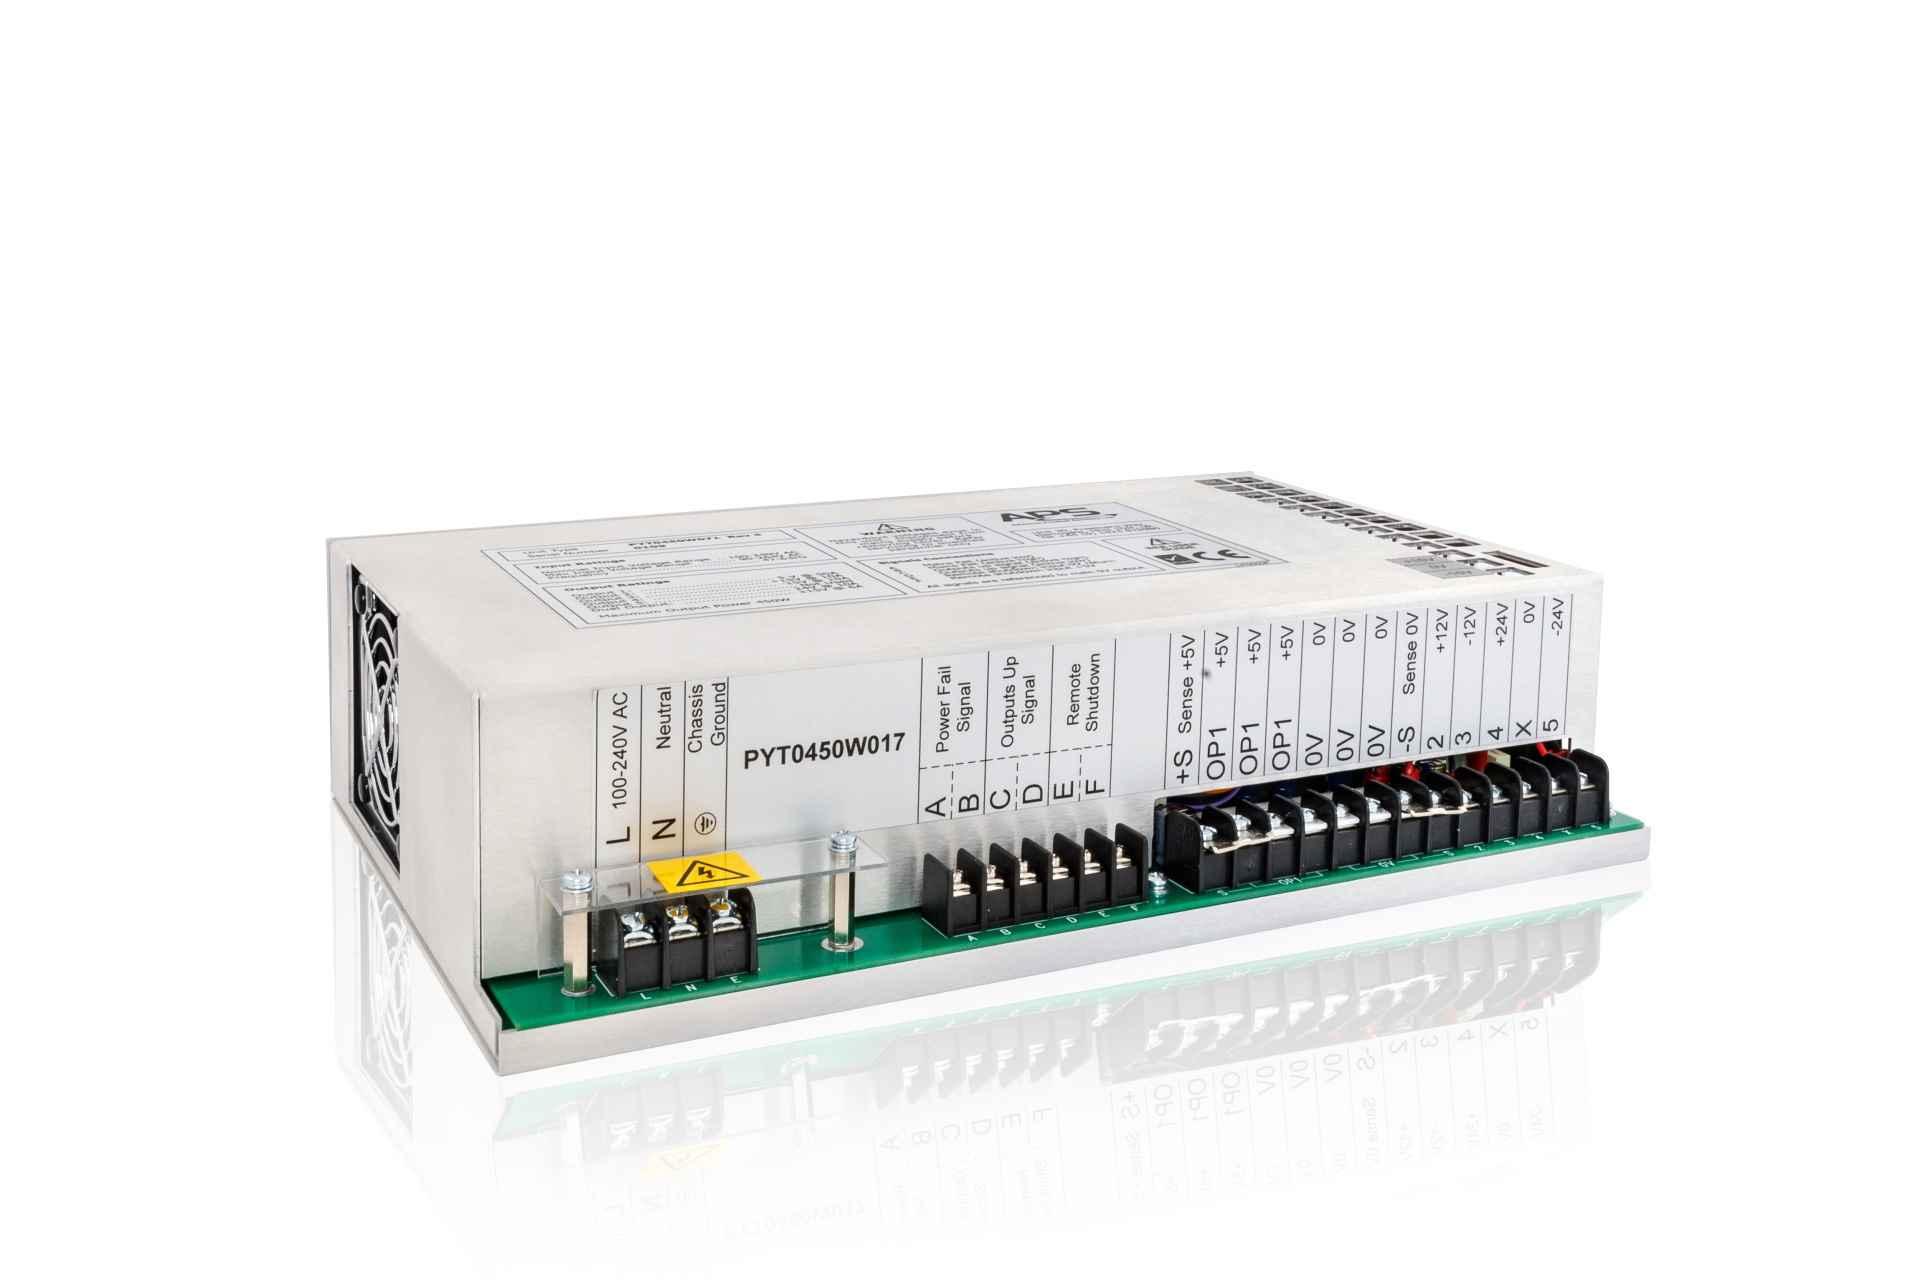 Replacement for Advance Powerflex P350 / P500 range